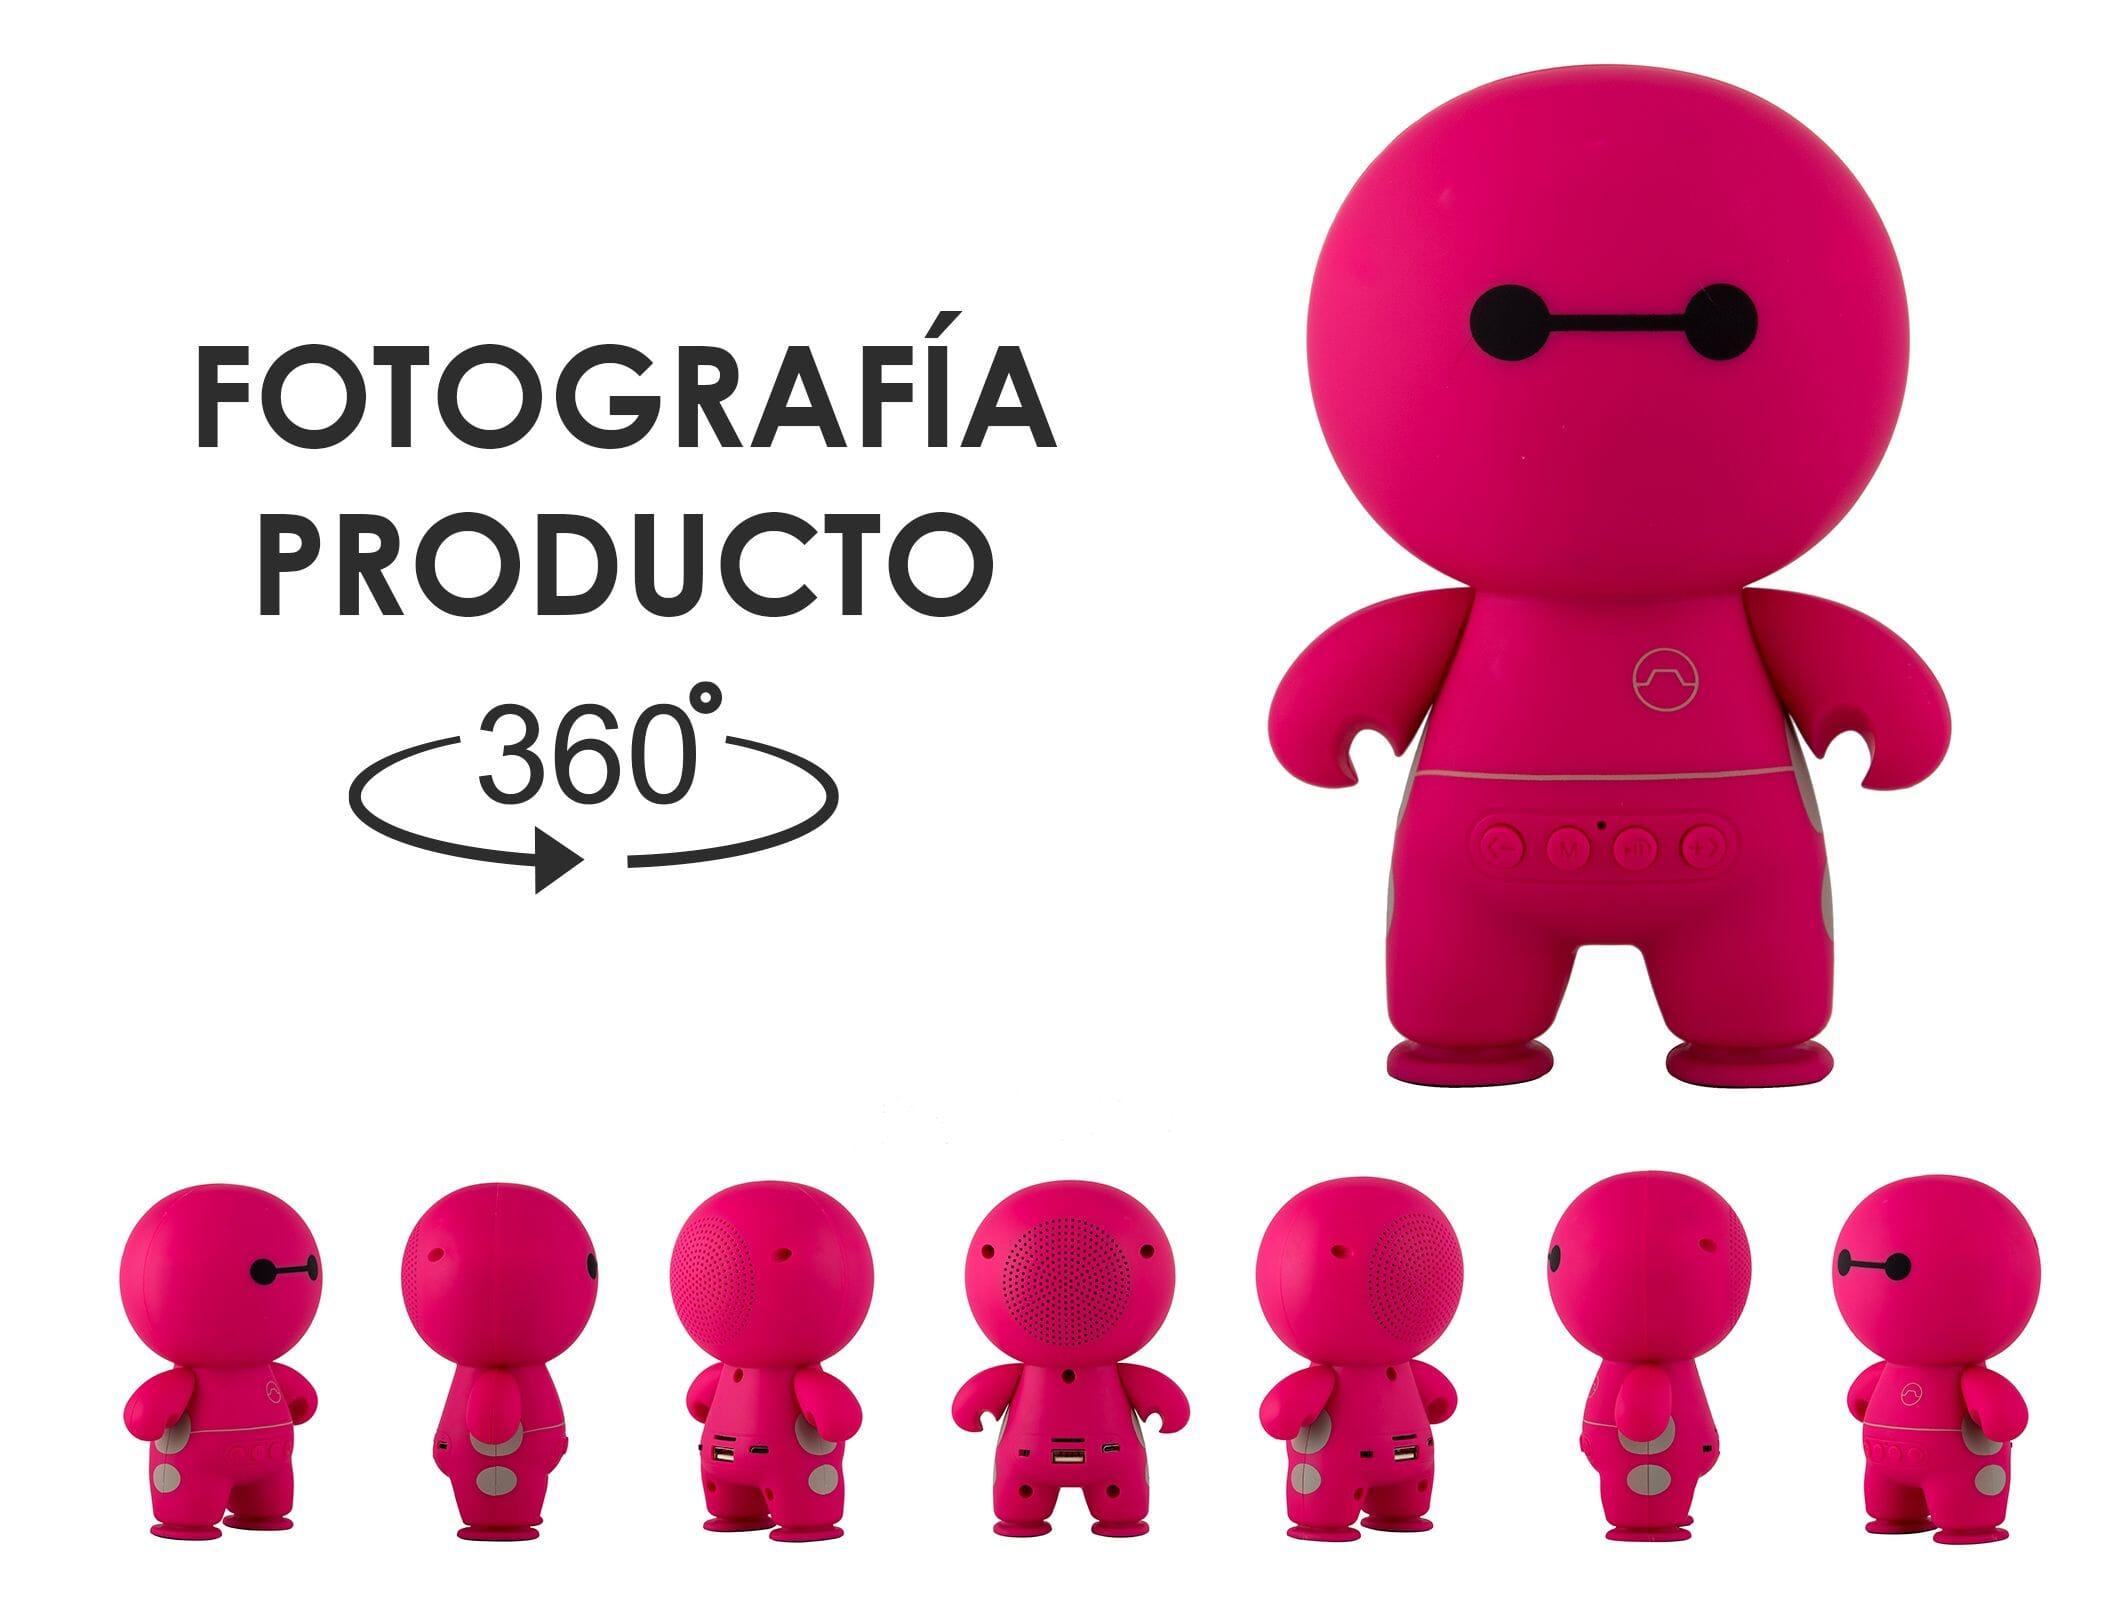 fotografia-producto-360-pictureo